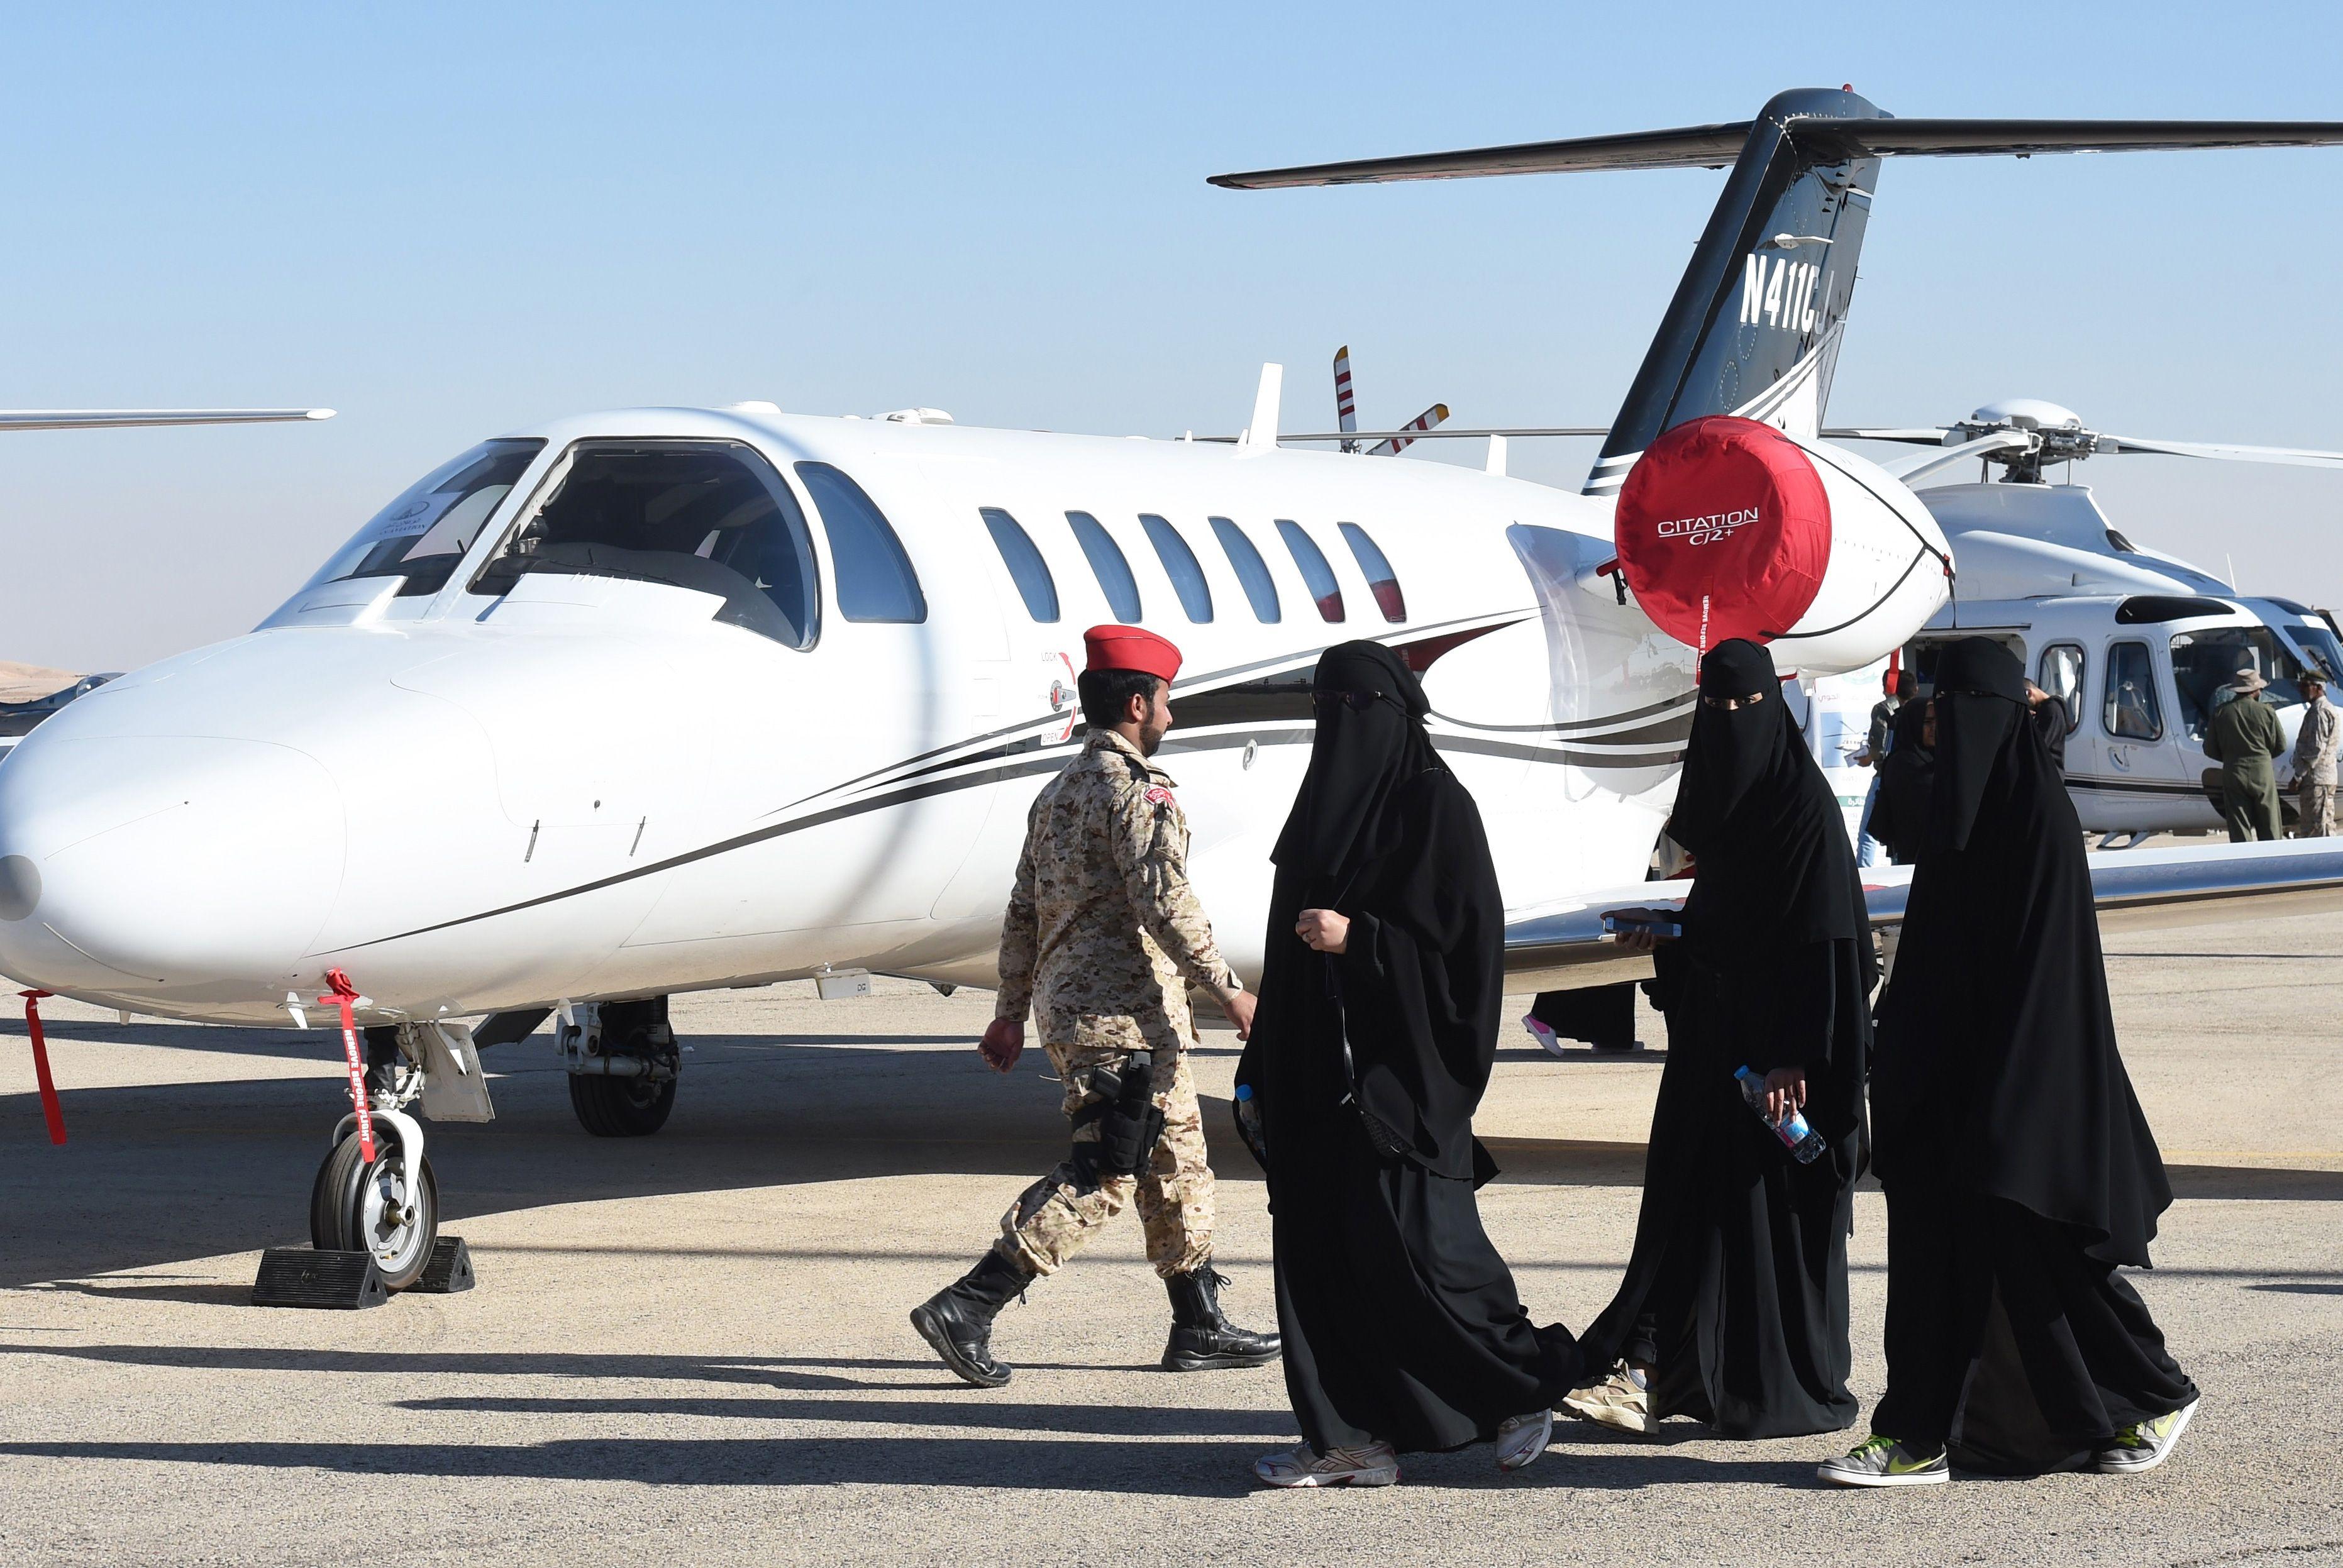 Arabia Saudita: Nueva resolución permitirá que las mujeres tengan pasaportes y viajen solas